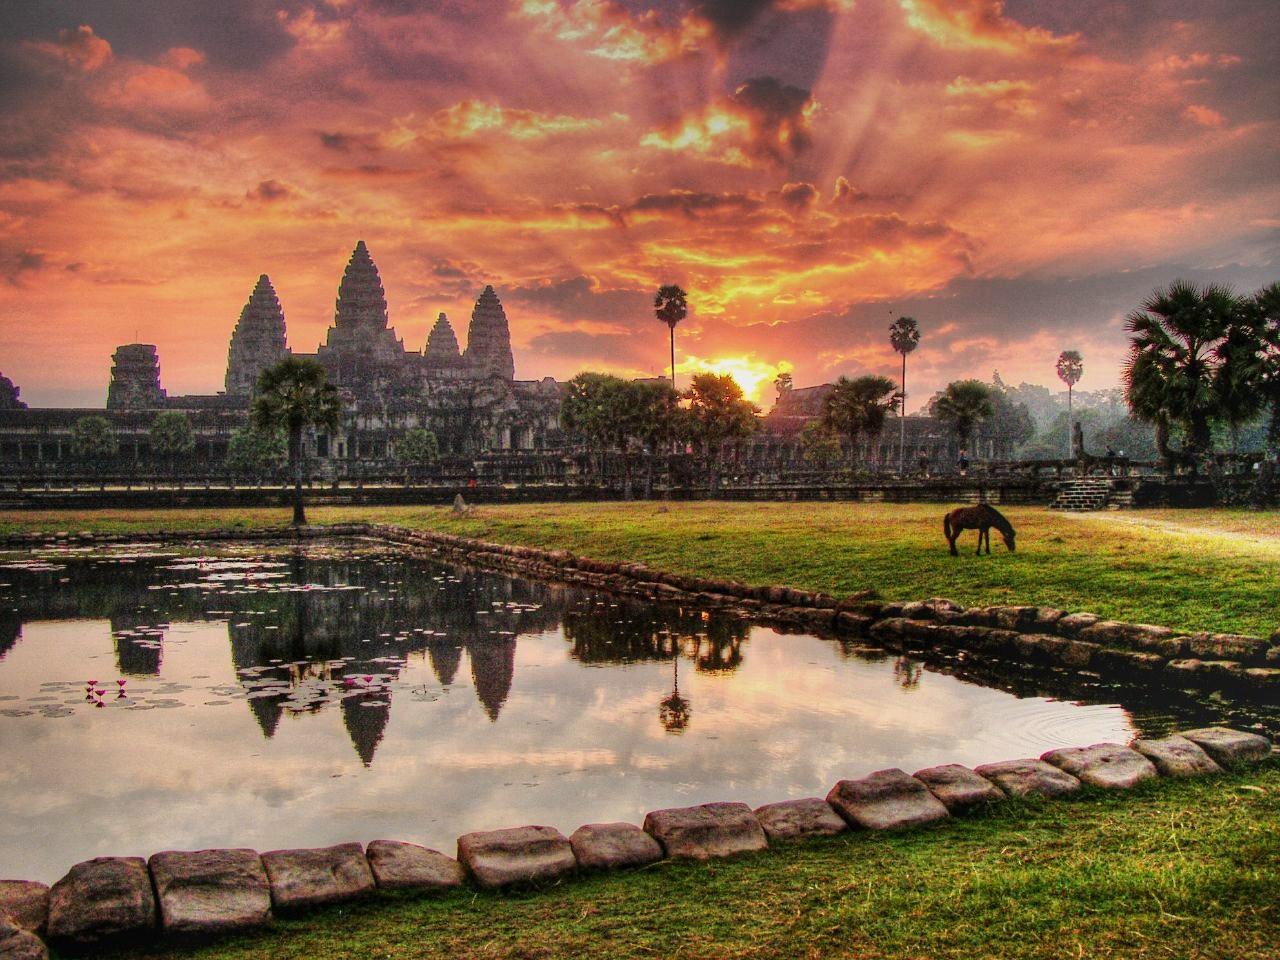 Готовимся к поездке в Камбоджу: «храм Анджелины Джоли», жаренные пауки и опасные мины